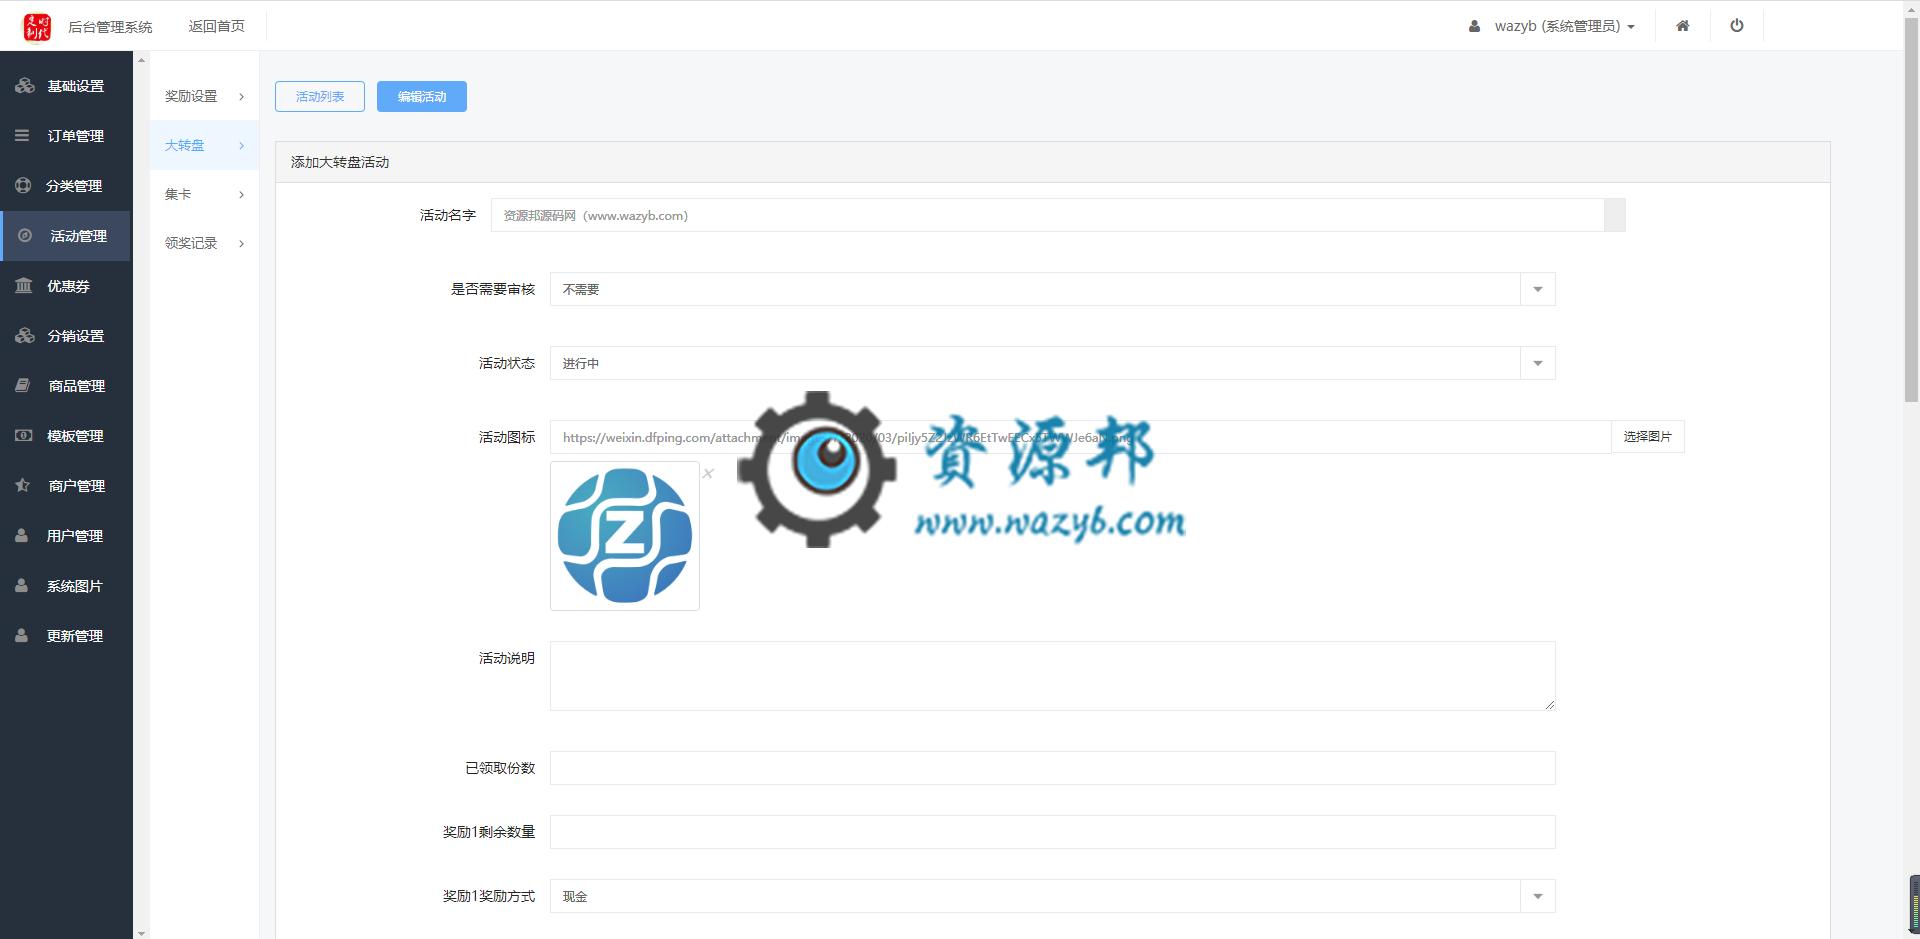 【微信小程序】江小白服饰贴图定制小程序V1.2.2安装包+小程序前端,增加了商品搜索功能 小程序源码 第4张